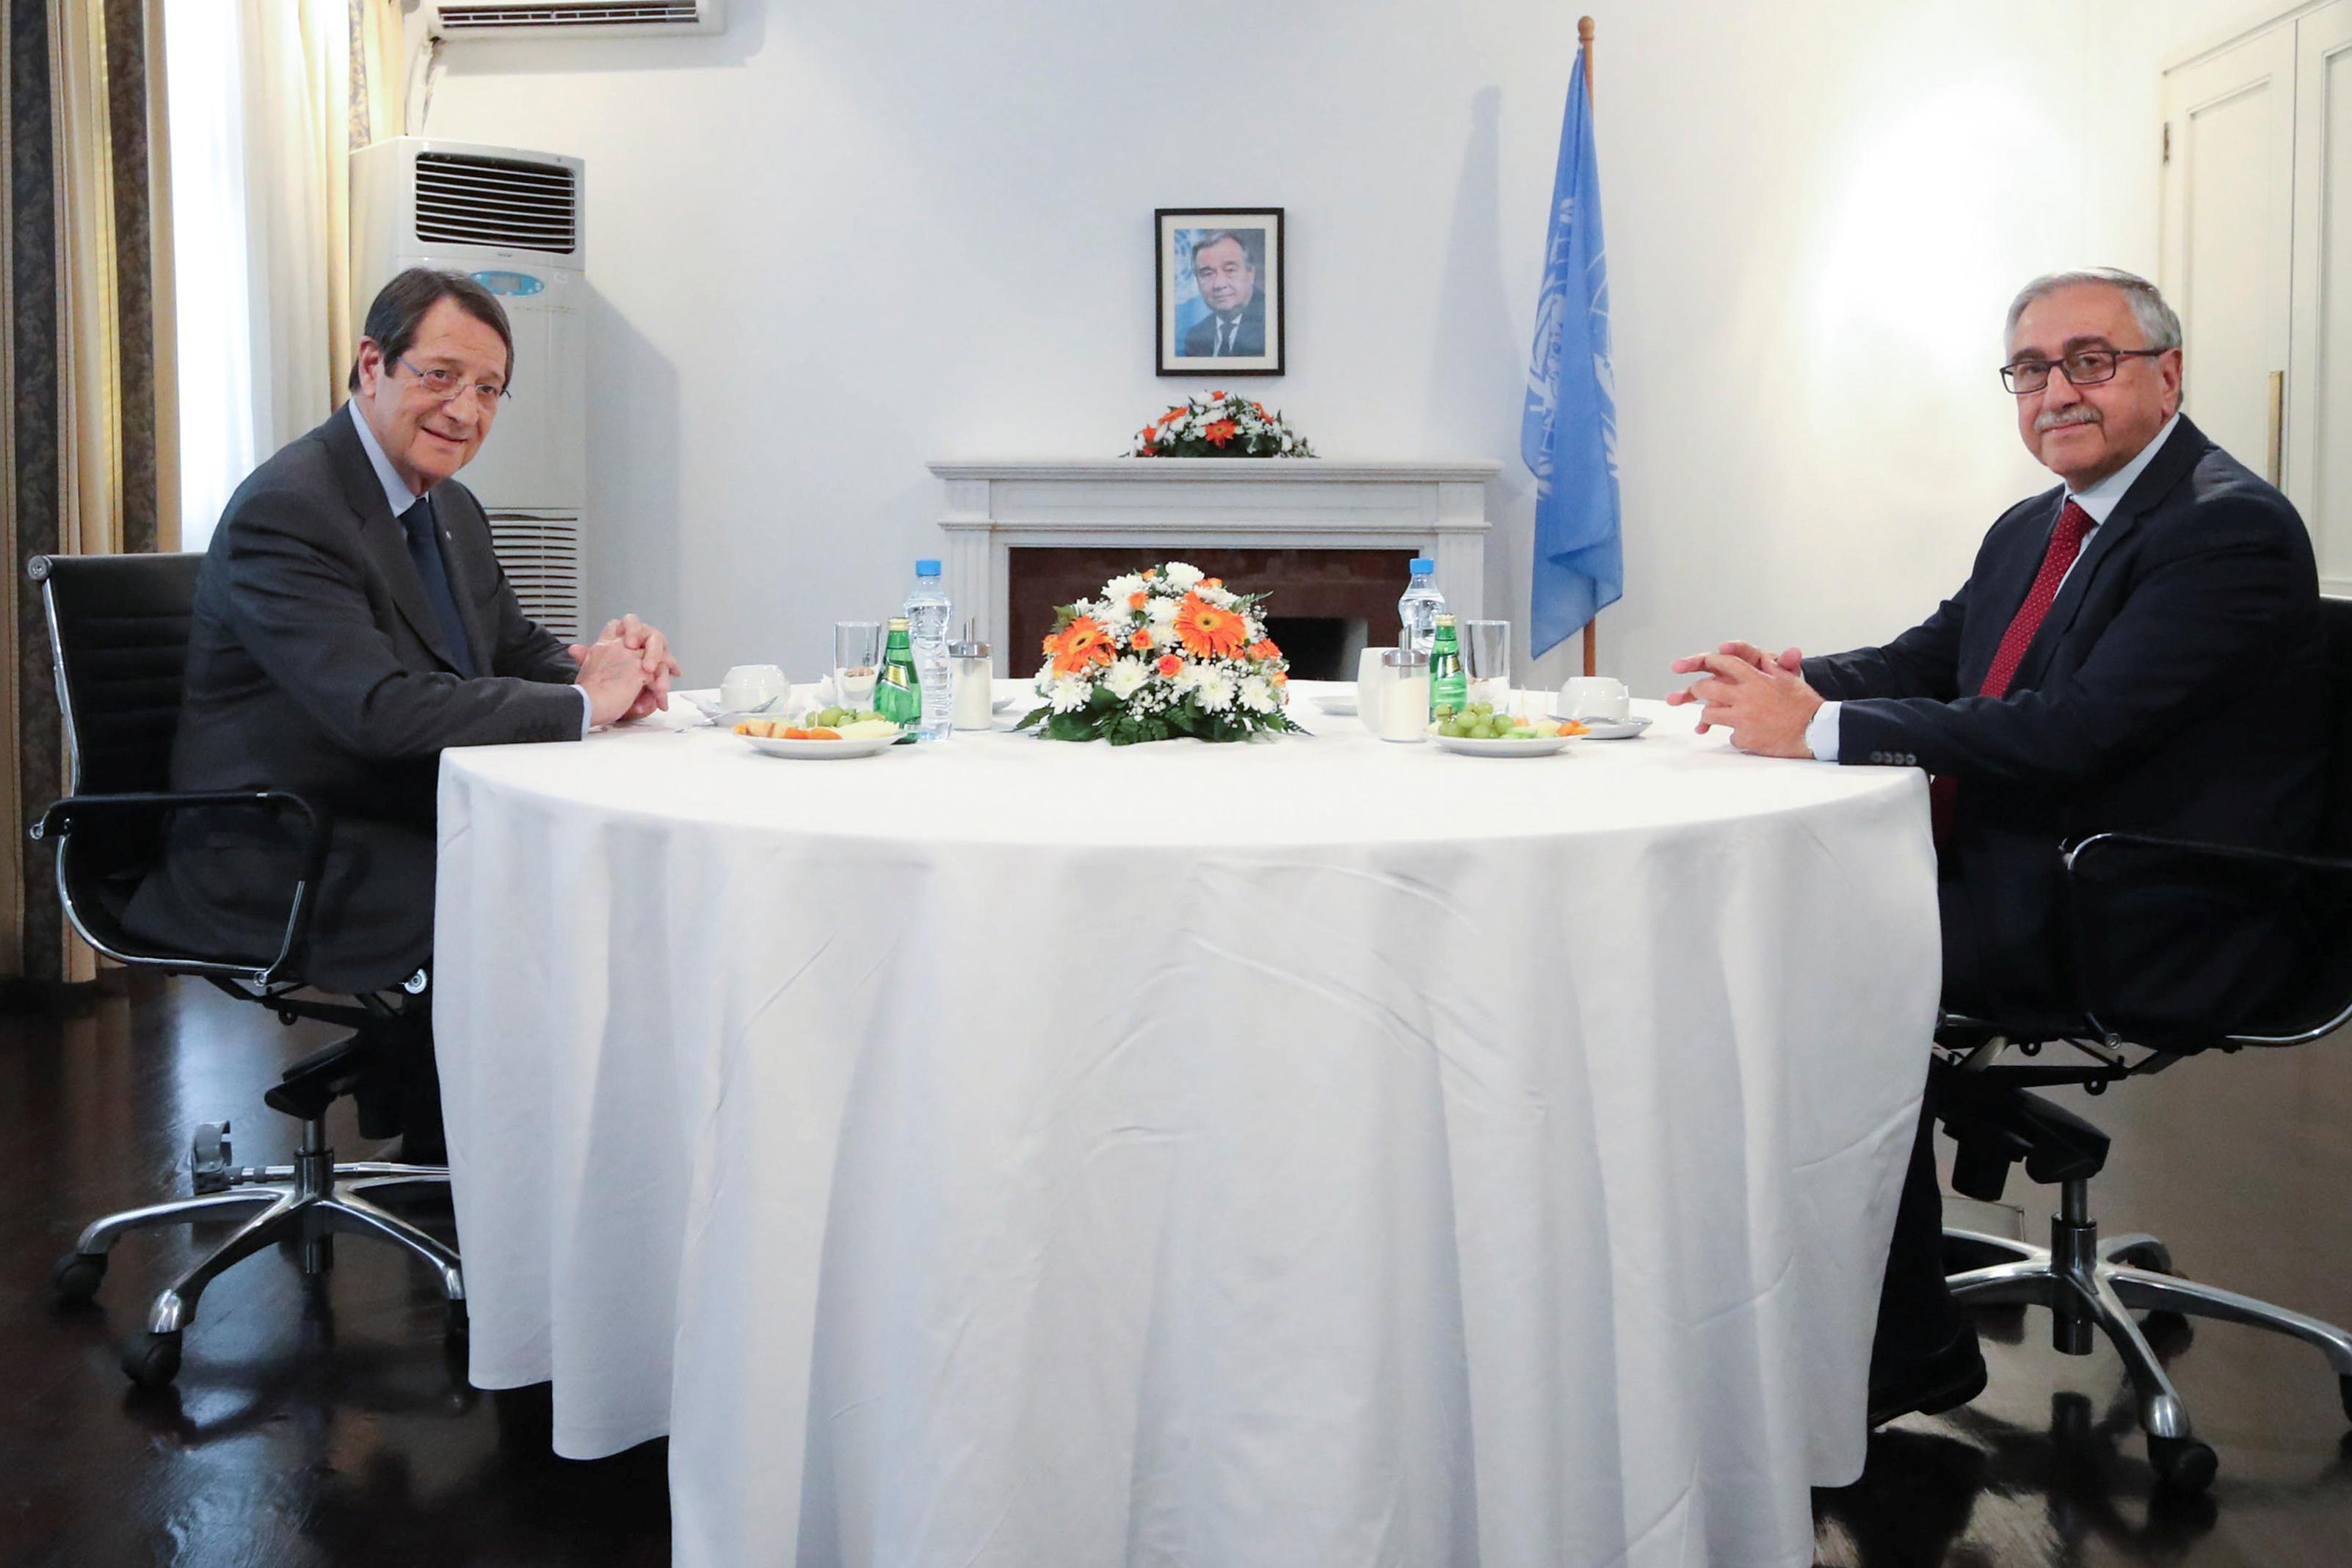 Τις παράνομες ενέργειες της Τουρκίας στην κυπριακή ΑΟΖ κατήγγειλε ο Αναστασιάδης στη συνάντηση του με τον Ακιντζί